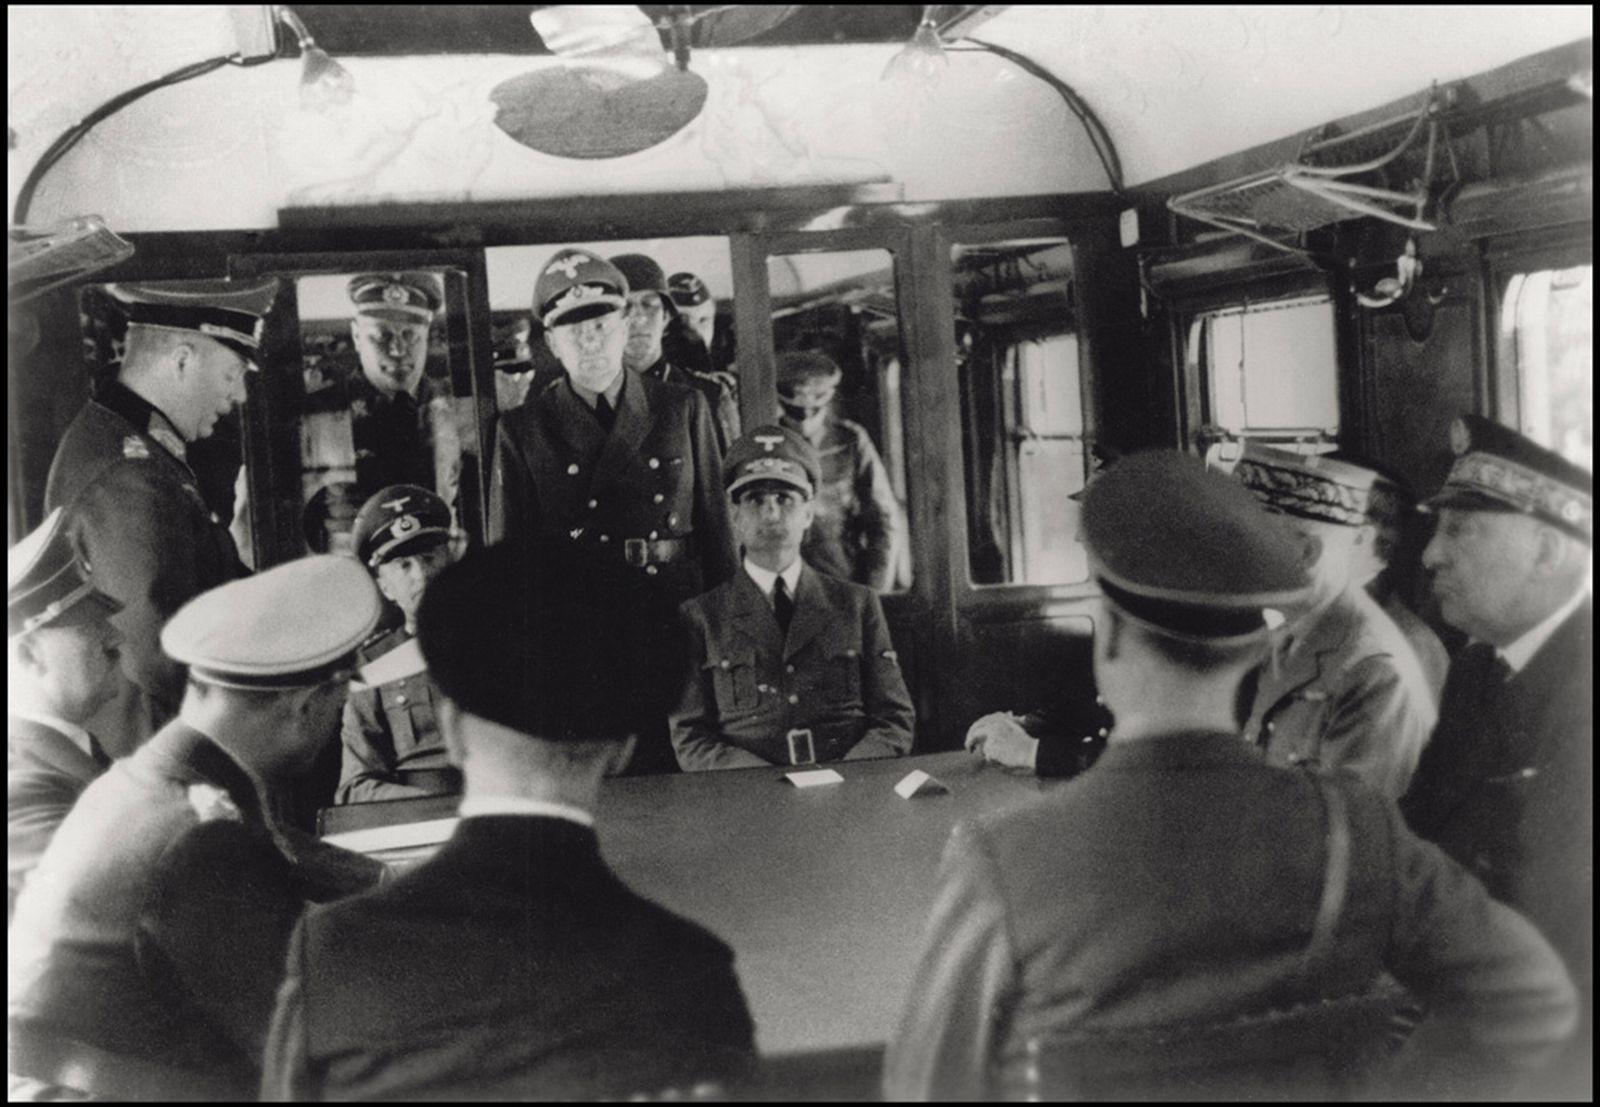 V Hitlerově vlaku Amerika docházelo k důležitým jednáním vysokých představitelů nacistického Německa a padala zde klíčová rozhodnutí.